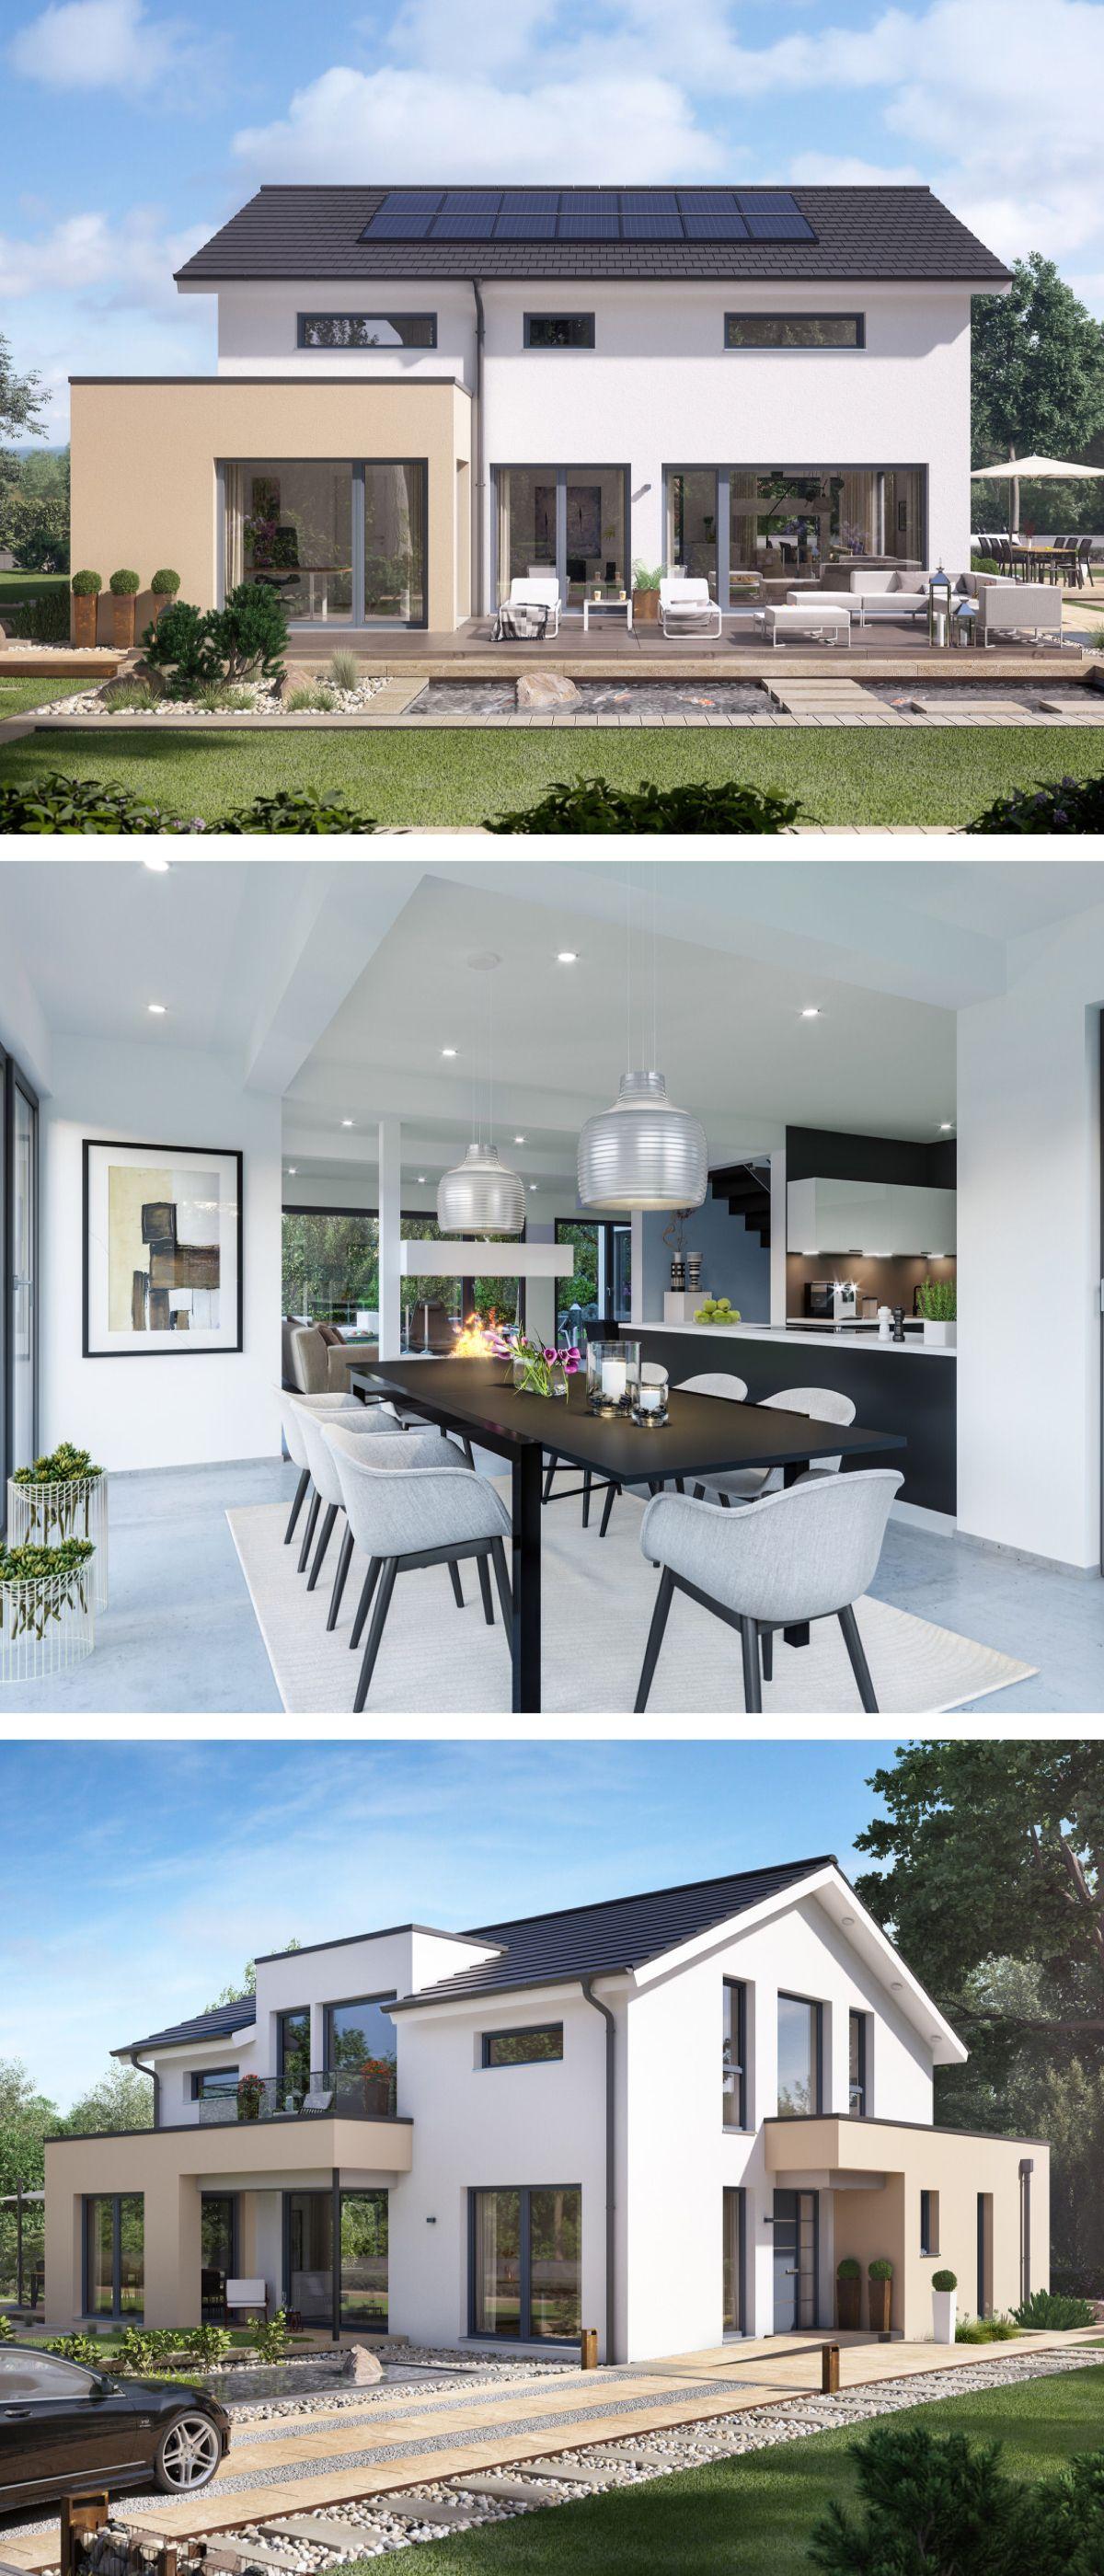 Modernes satteldach haus mit b ro anbau galerie for Modernes einfamilienhaus grundriss